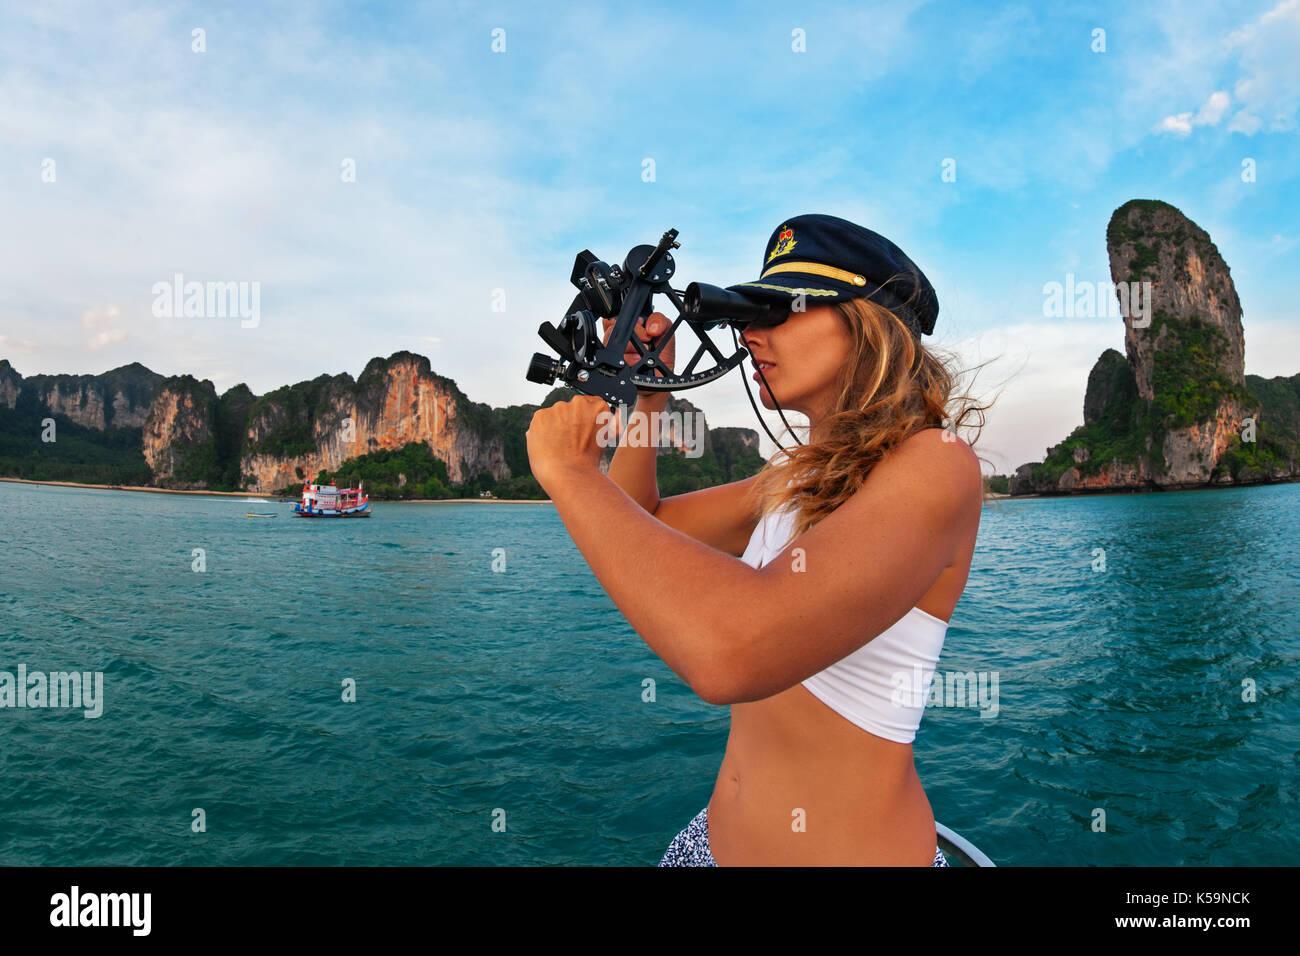 Jeune femme capitaine dans Cap sur le pont du yacht à la prise de vue dans sextant pour mesurer le voile d'altitude en position sur la mer tropical summer cruise. Photo Stock